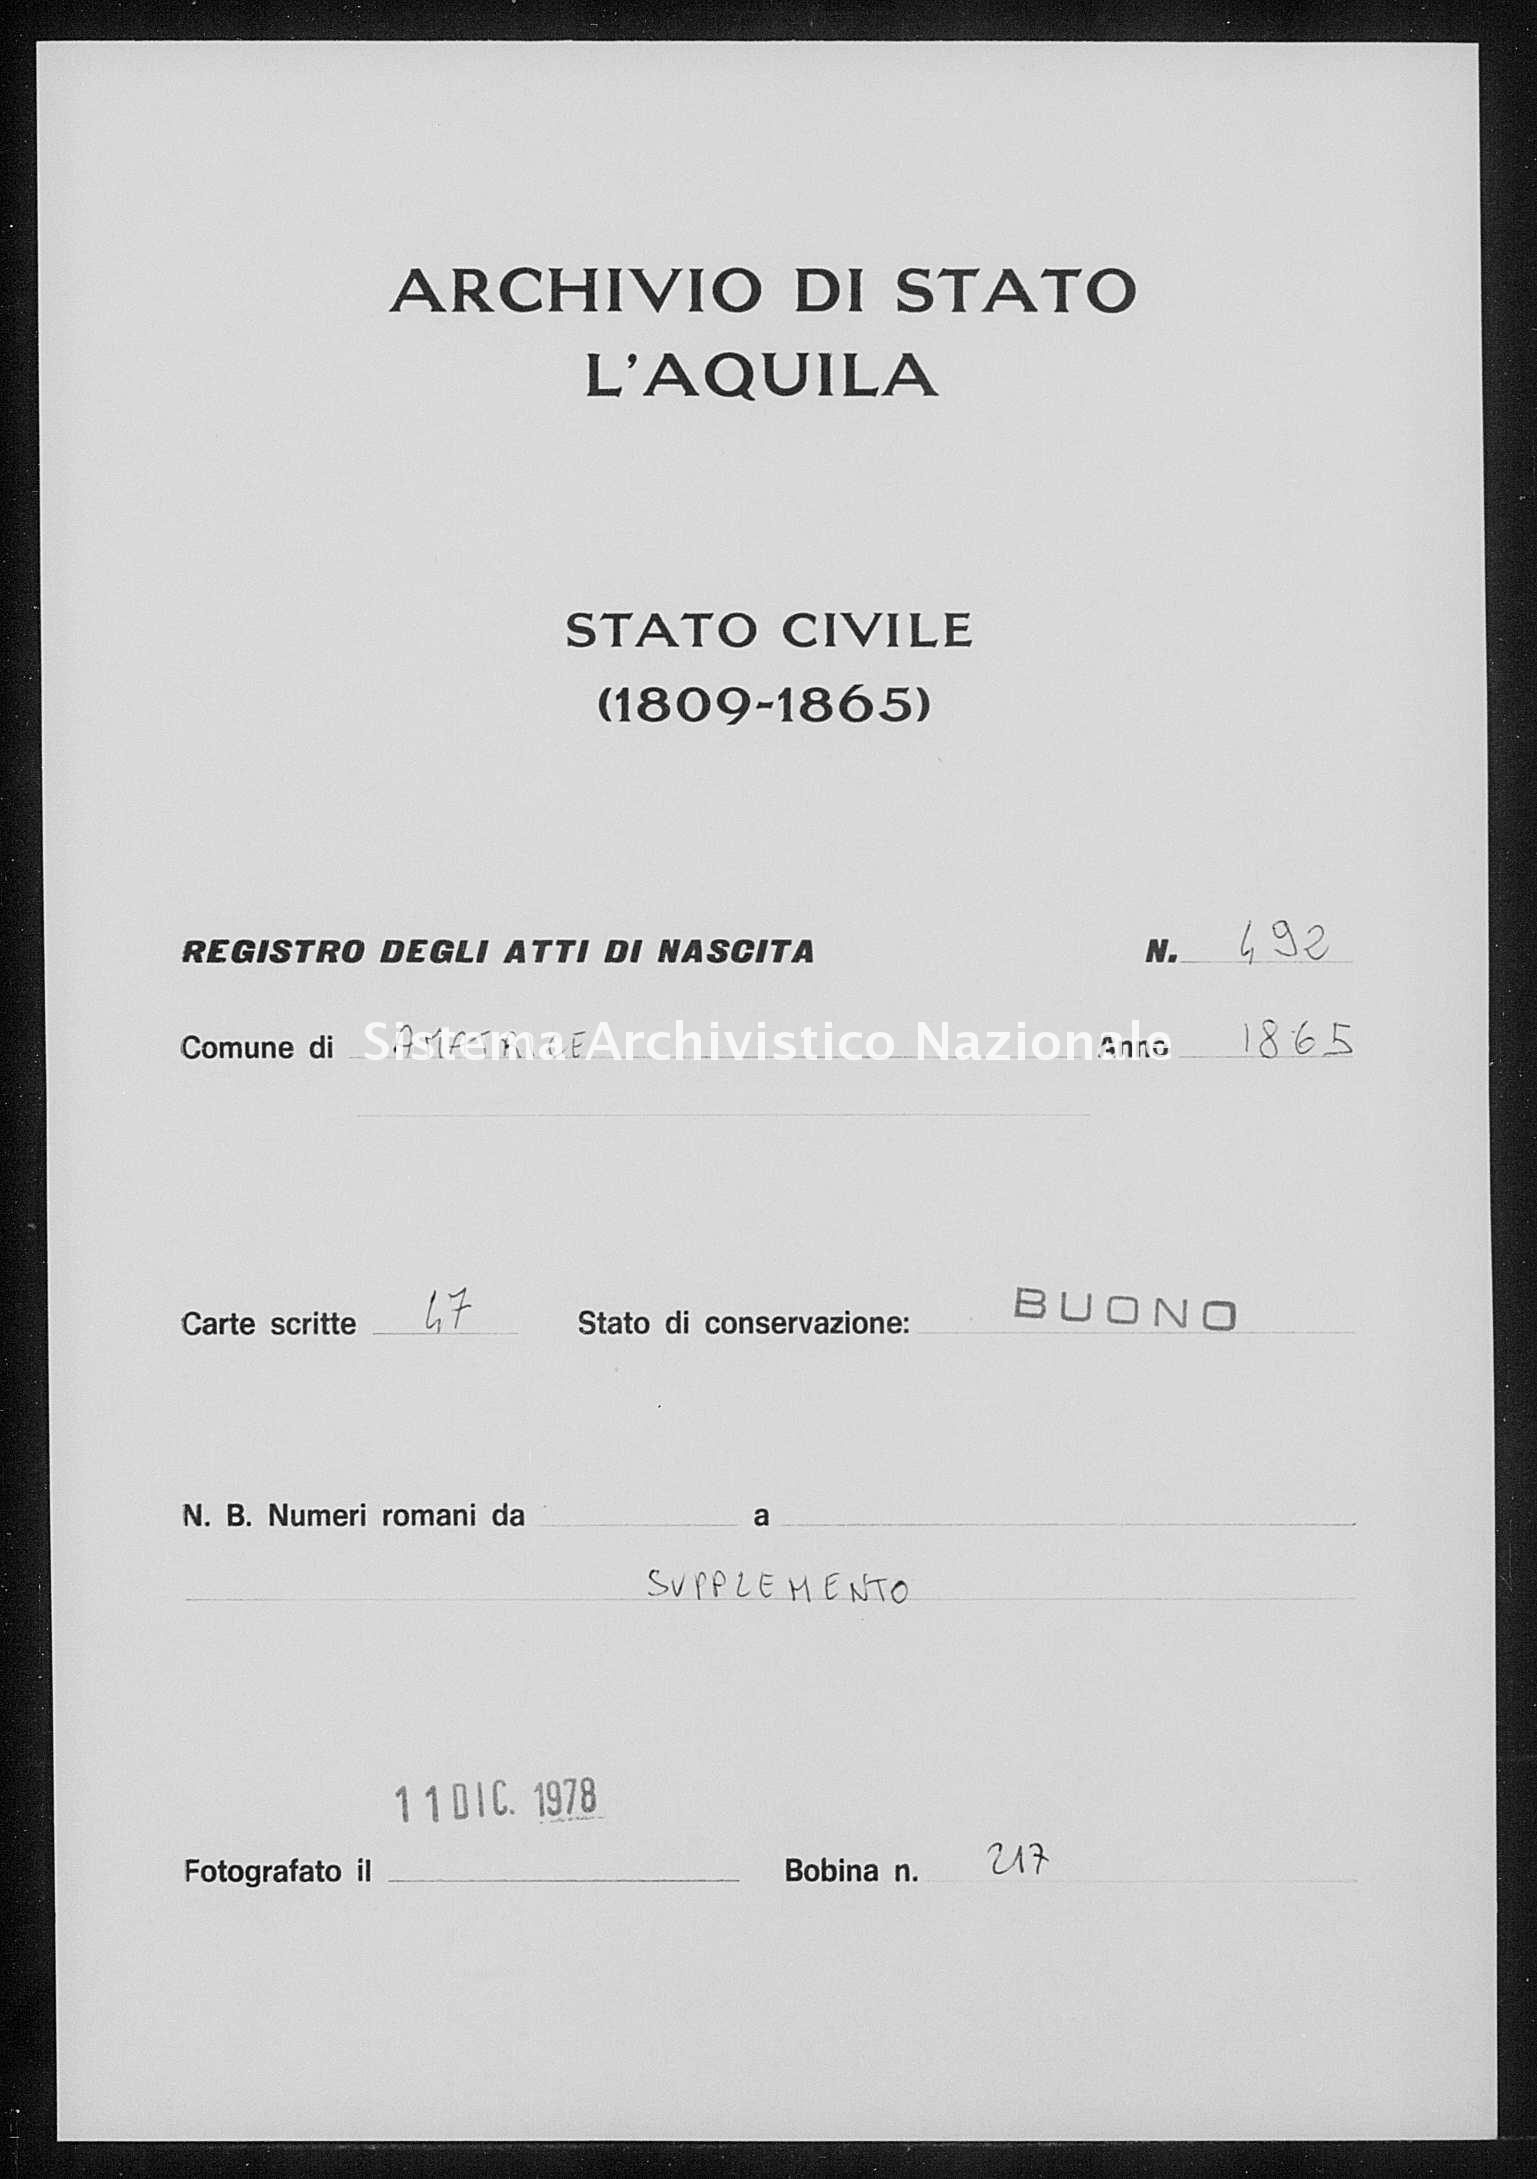 Archivio di stato di L'aquila - Stato civile italiano - Amatrice - Nati, battesimi - 1865 - 492 -